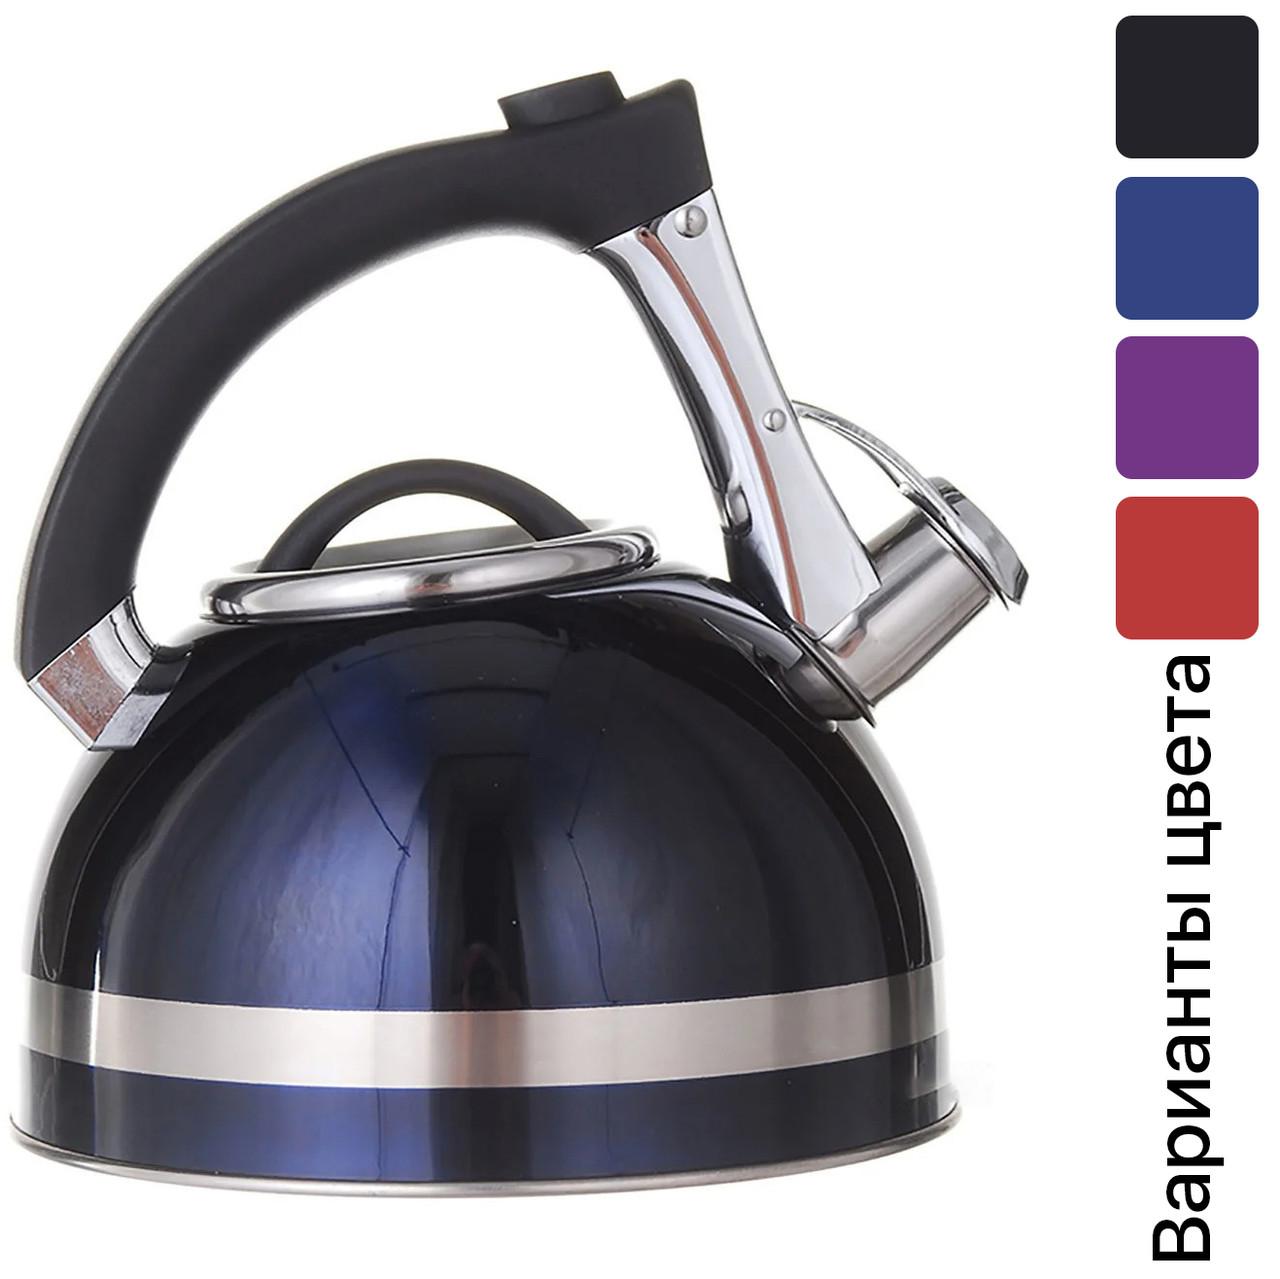 Чайник со свистком для плиты нержавейка A-PLUS 3.0 л